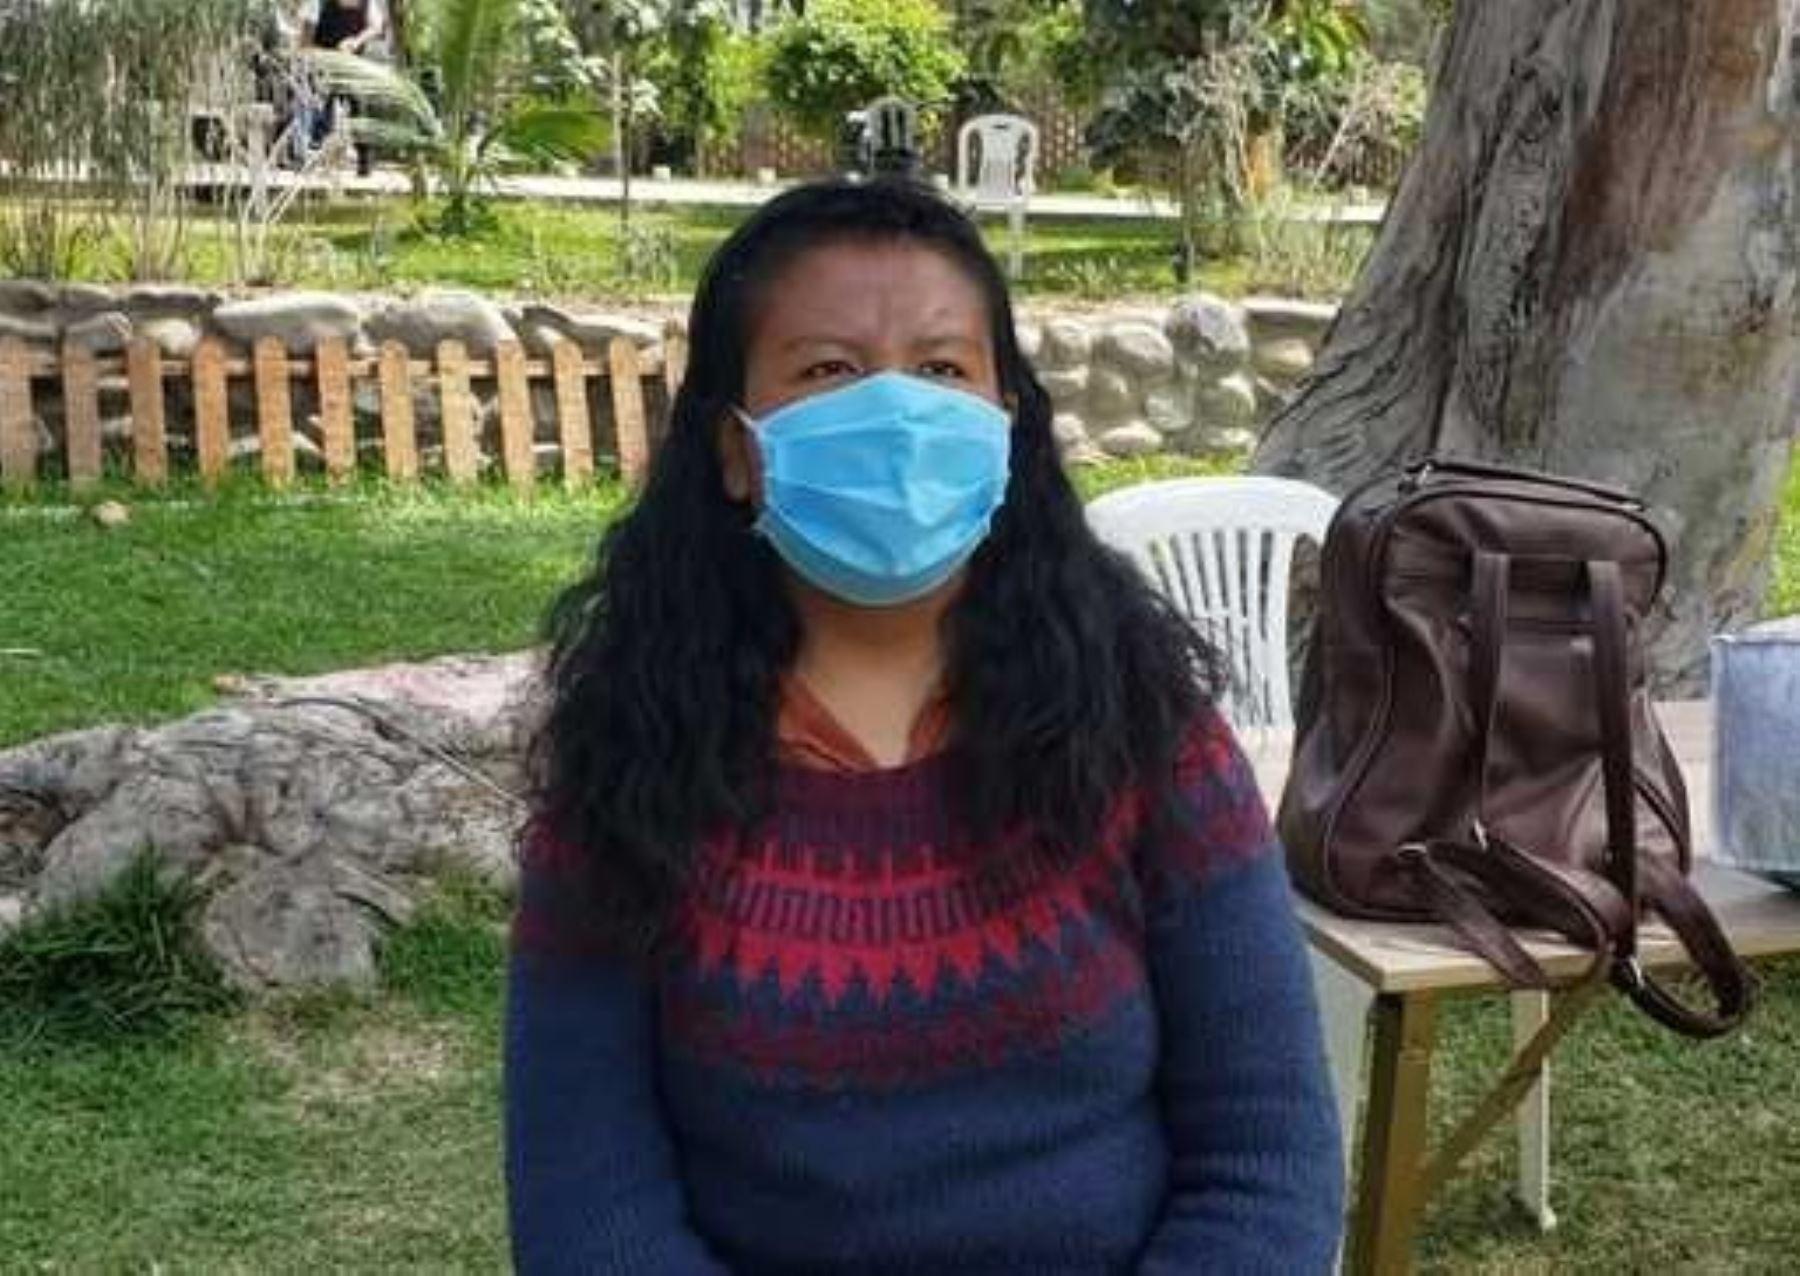 Conoce la dura travesía que vivió Adriana Condori, la joven puneña que llegó a Huampaní luego de quedarse sin dinero ni lugar dónde vivir.